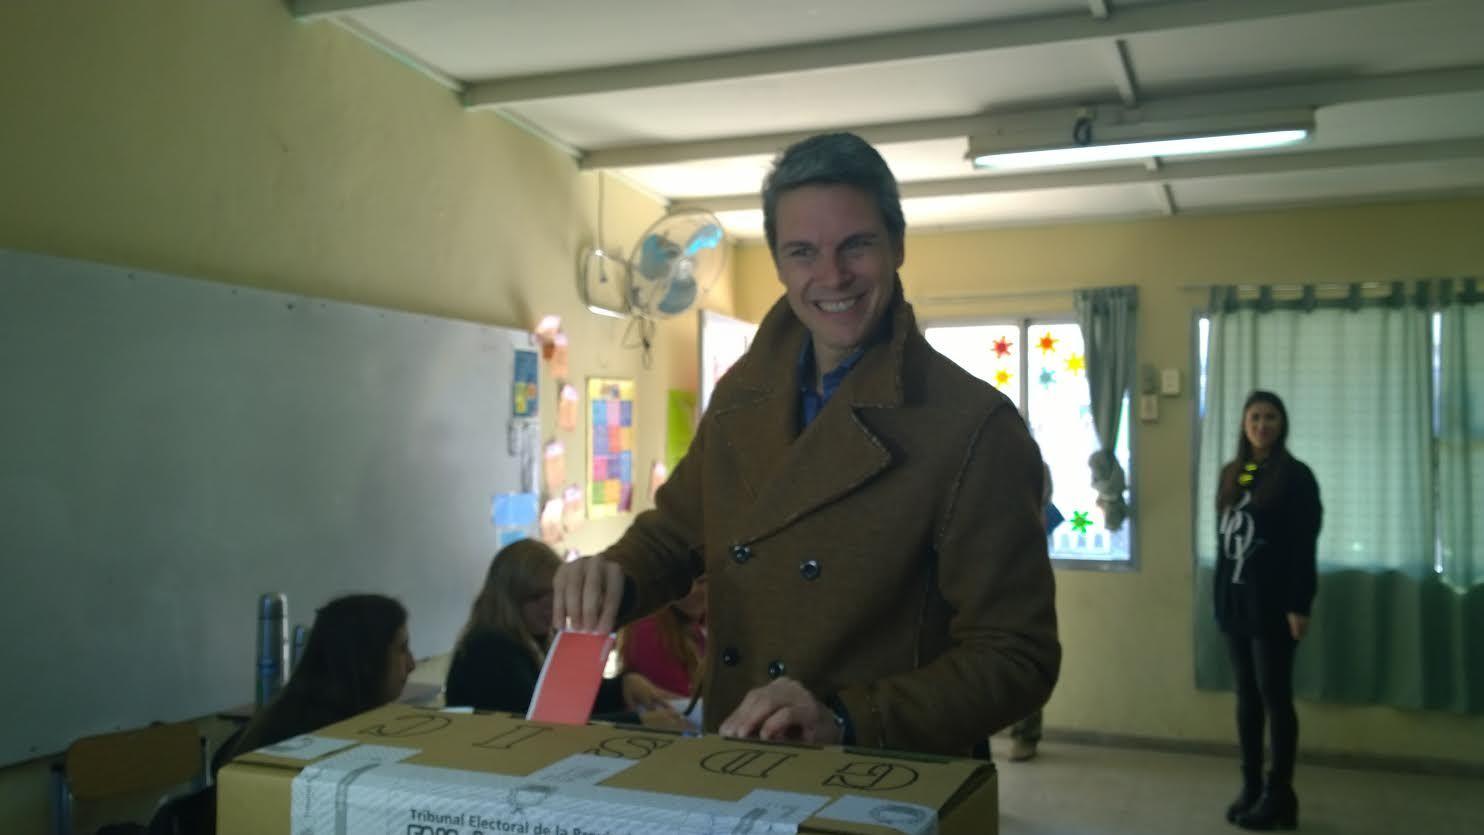 El candidato a la Intendencia por el Frente Renovador sufragó en la escuela Familia de Dios.